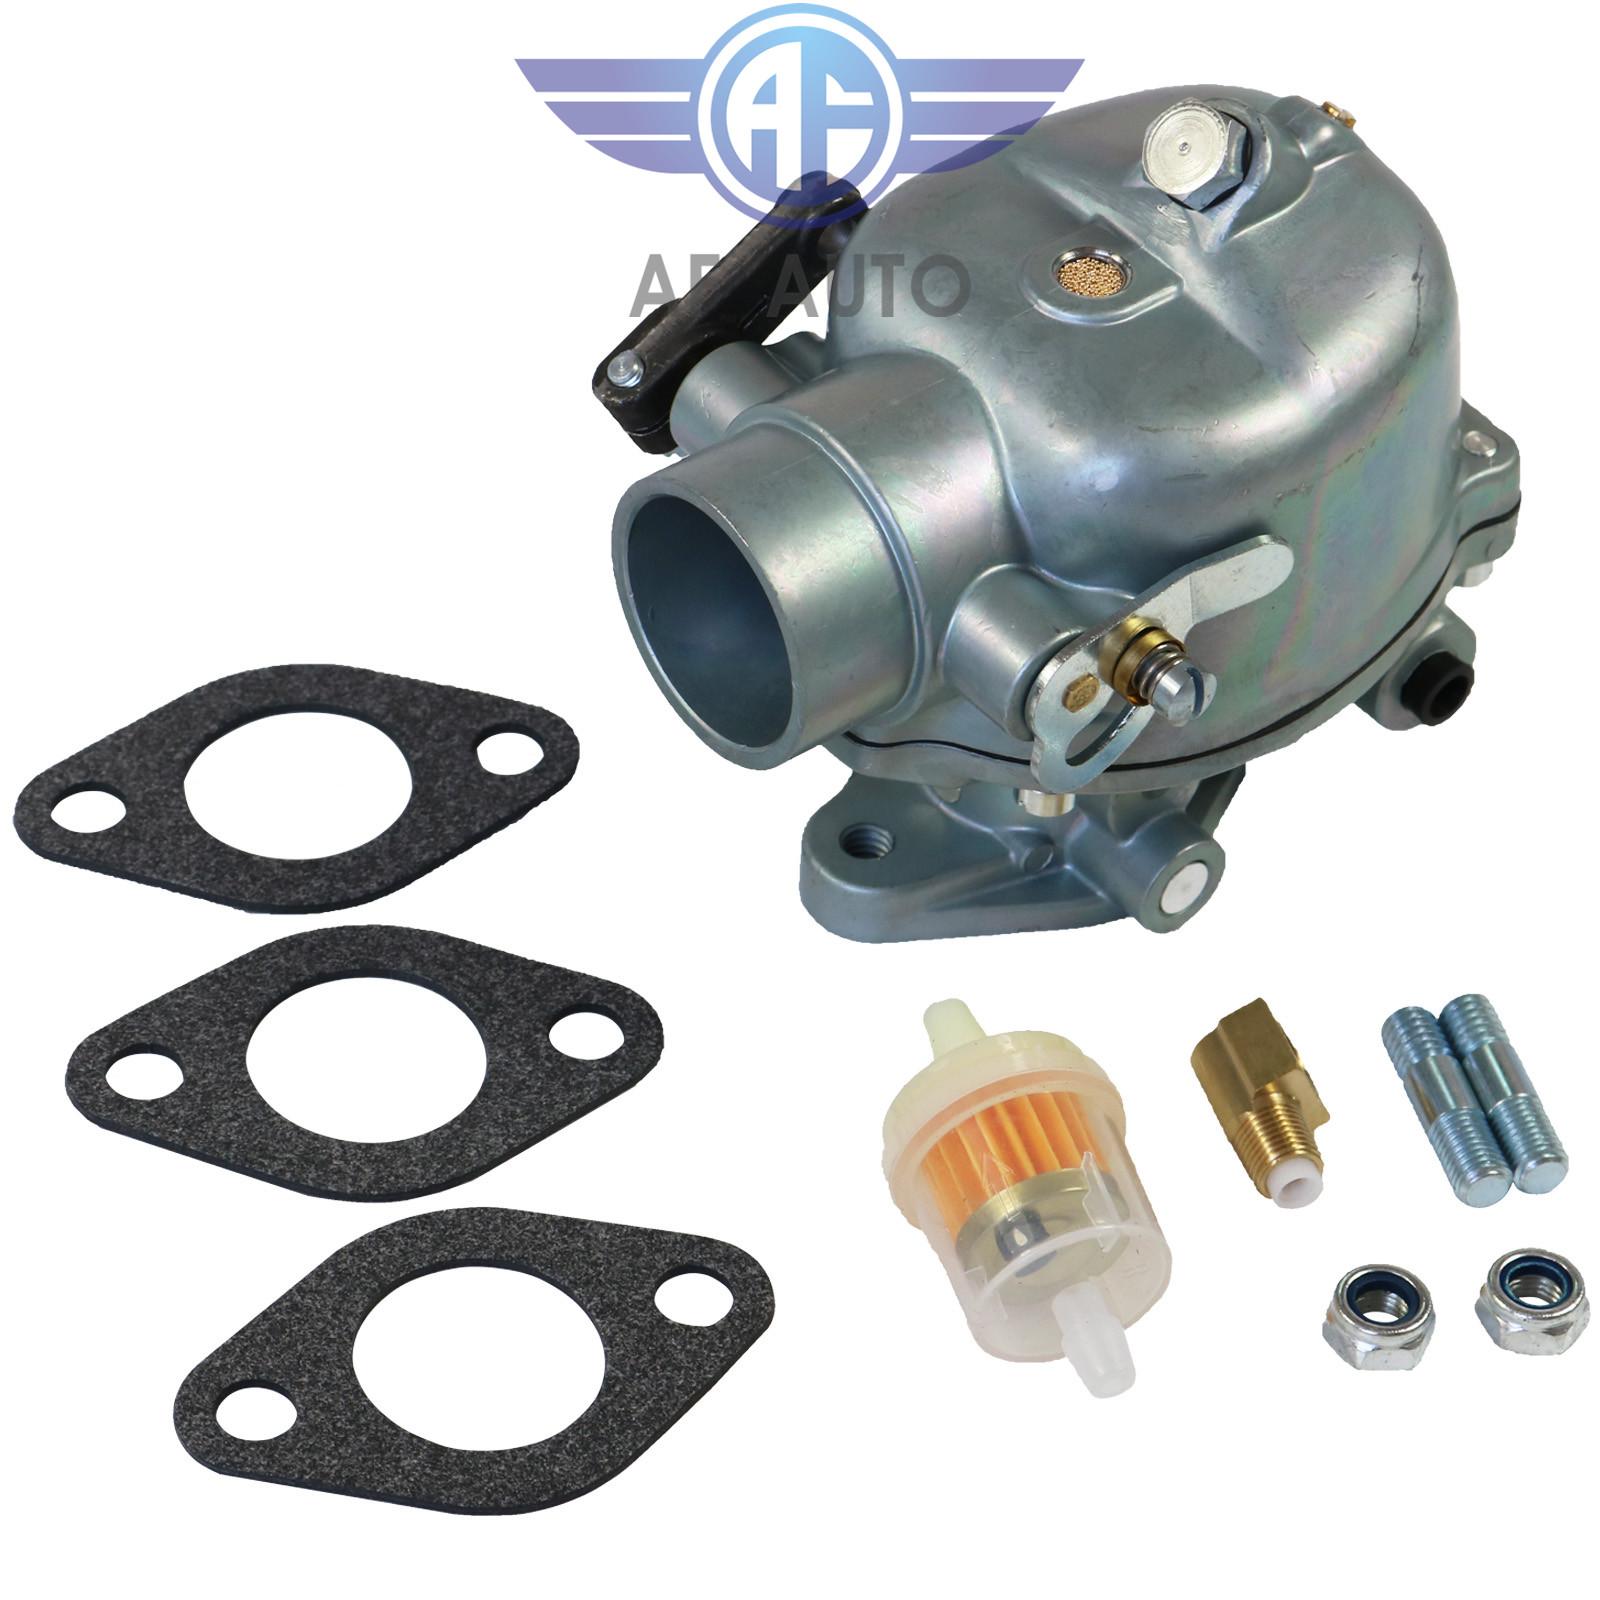 Fits IH-Farmall Tractor A AV B BN C Super A Super C 352376R92 Carb Carburetor